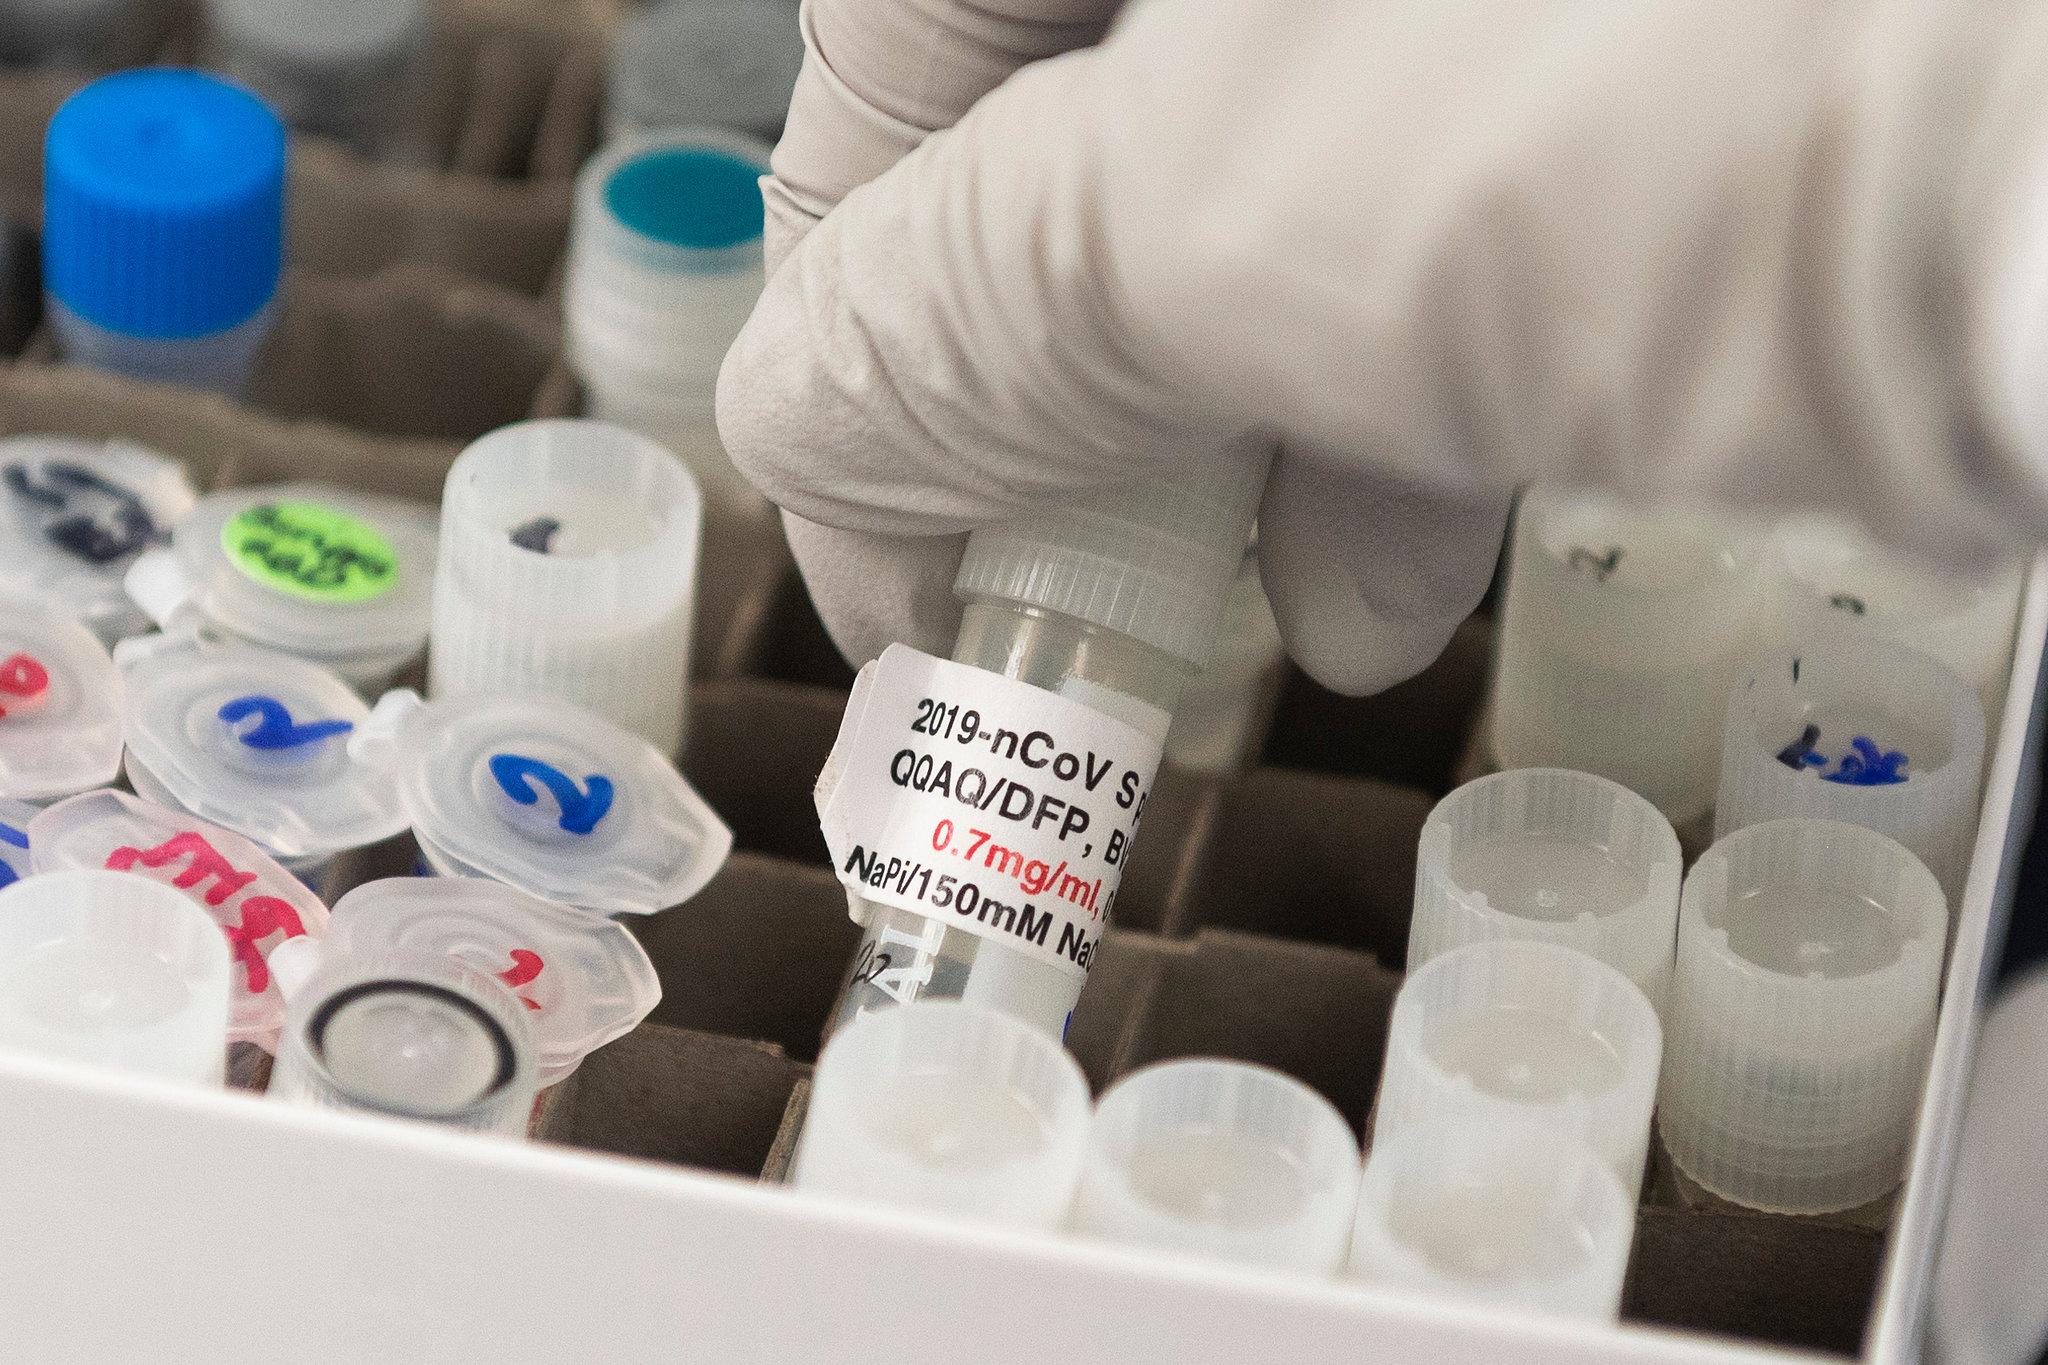 Novavax公司研究预防新冠和流感疫苗实验中产生积极结果